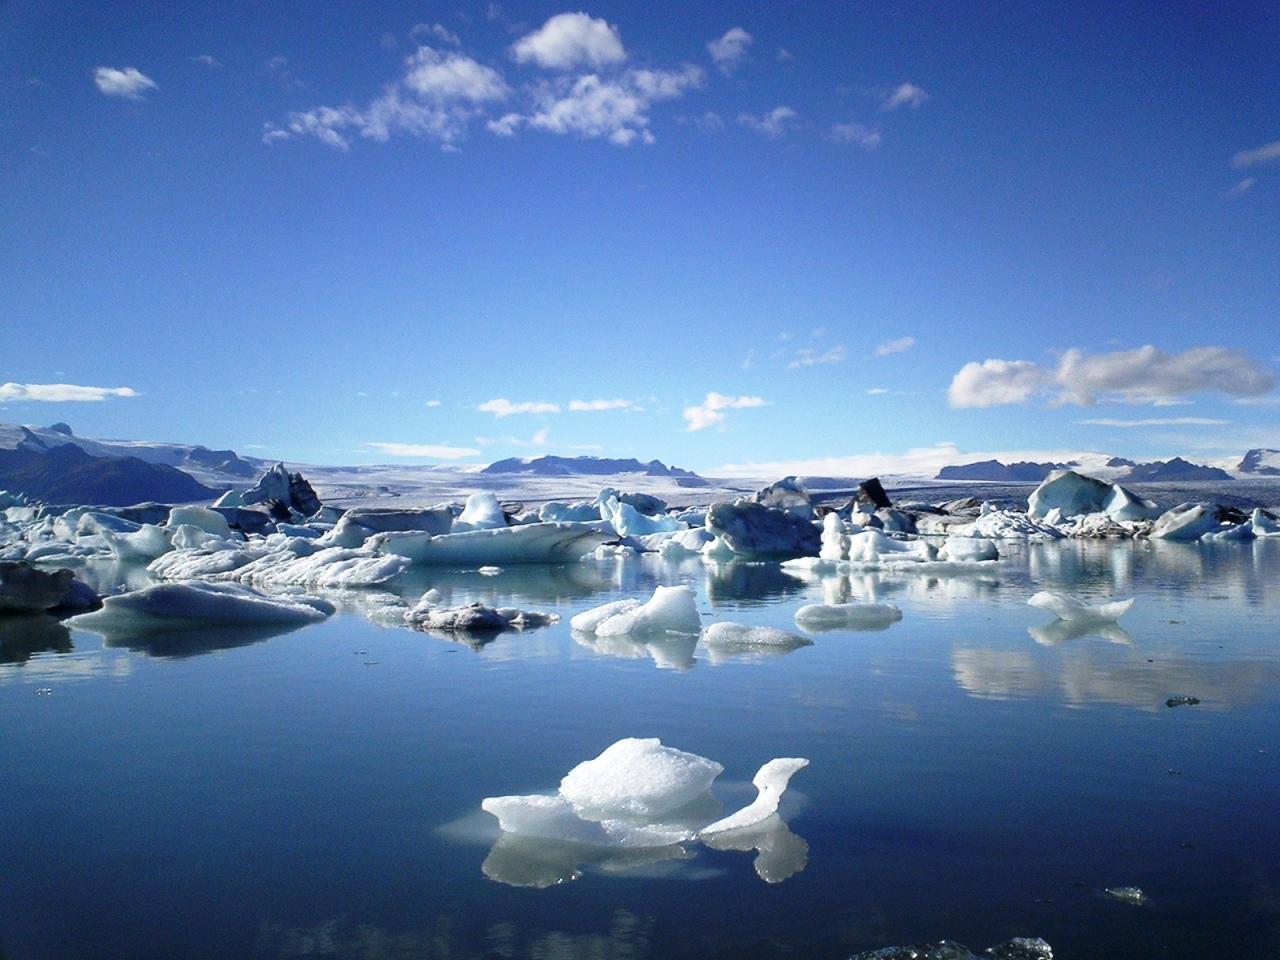 アイスランド共和国 : 「本物!...